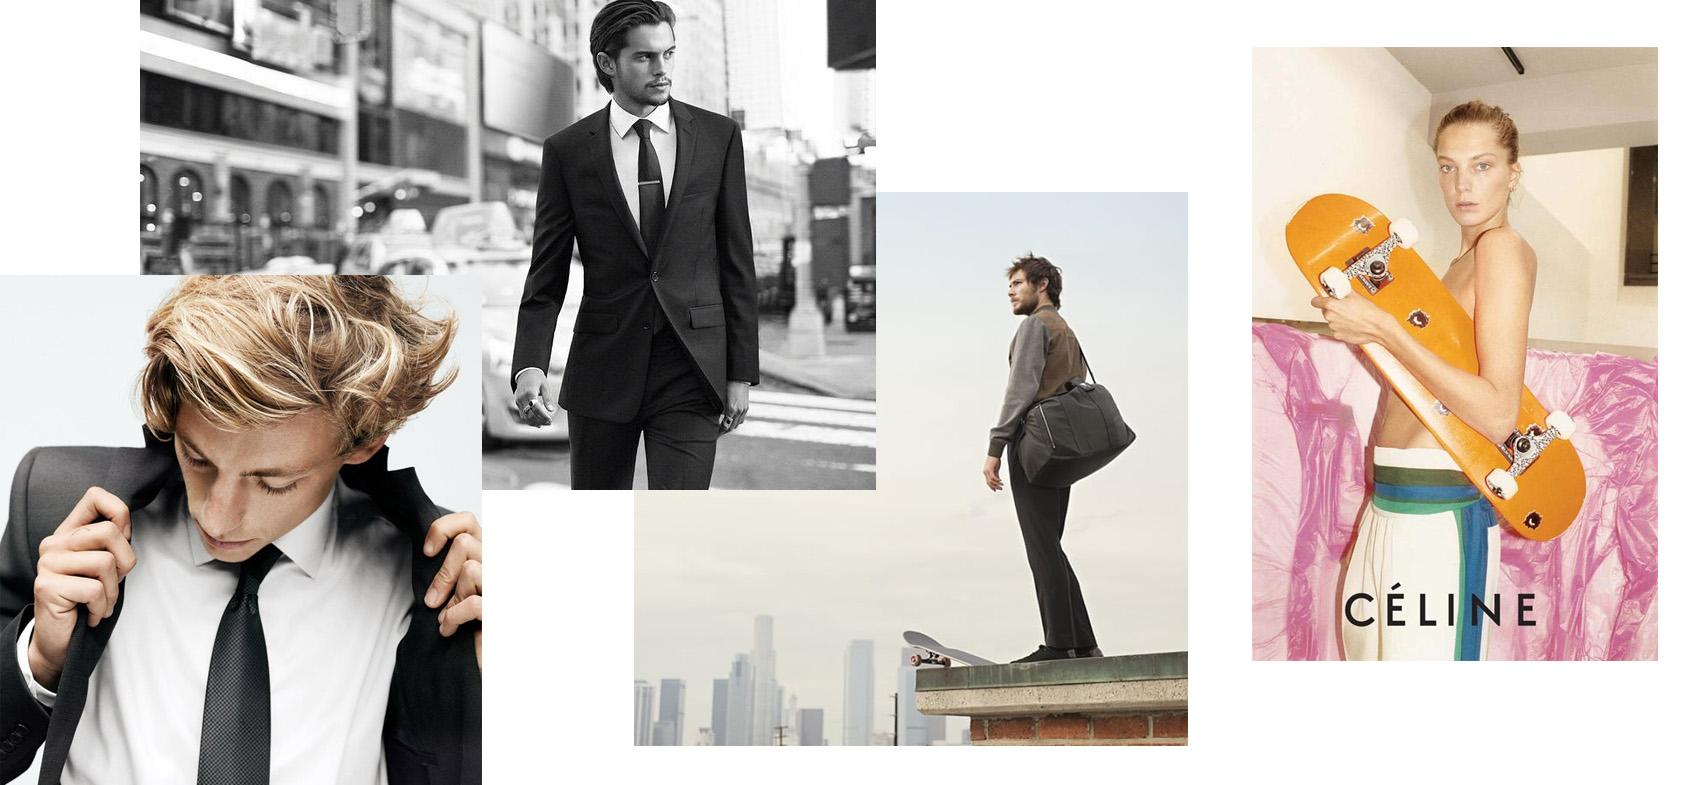 Бен Нордберг и Дилан Ридер в рекламных кампаниях DKNY; Алекс Олсон в рекламной кампании Louis Vuitton; Рекламная кампания Celine